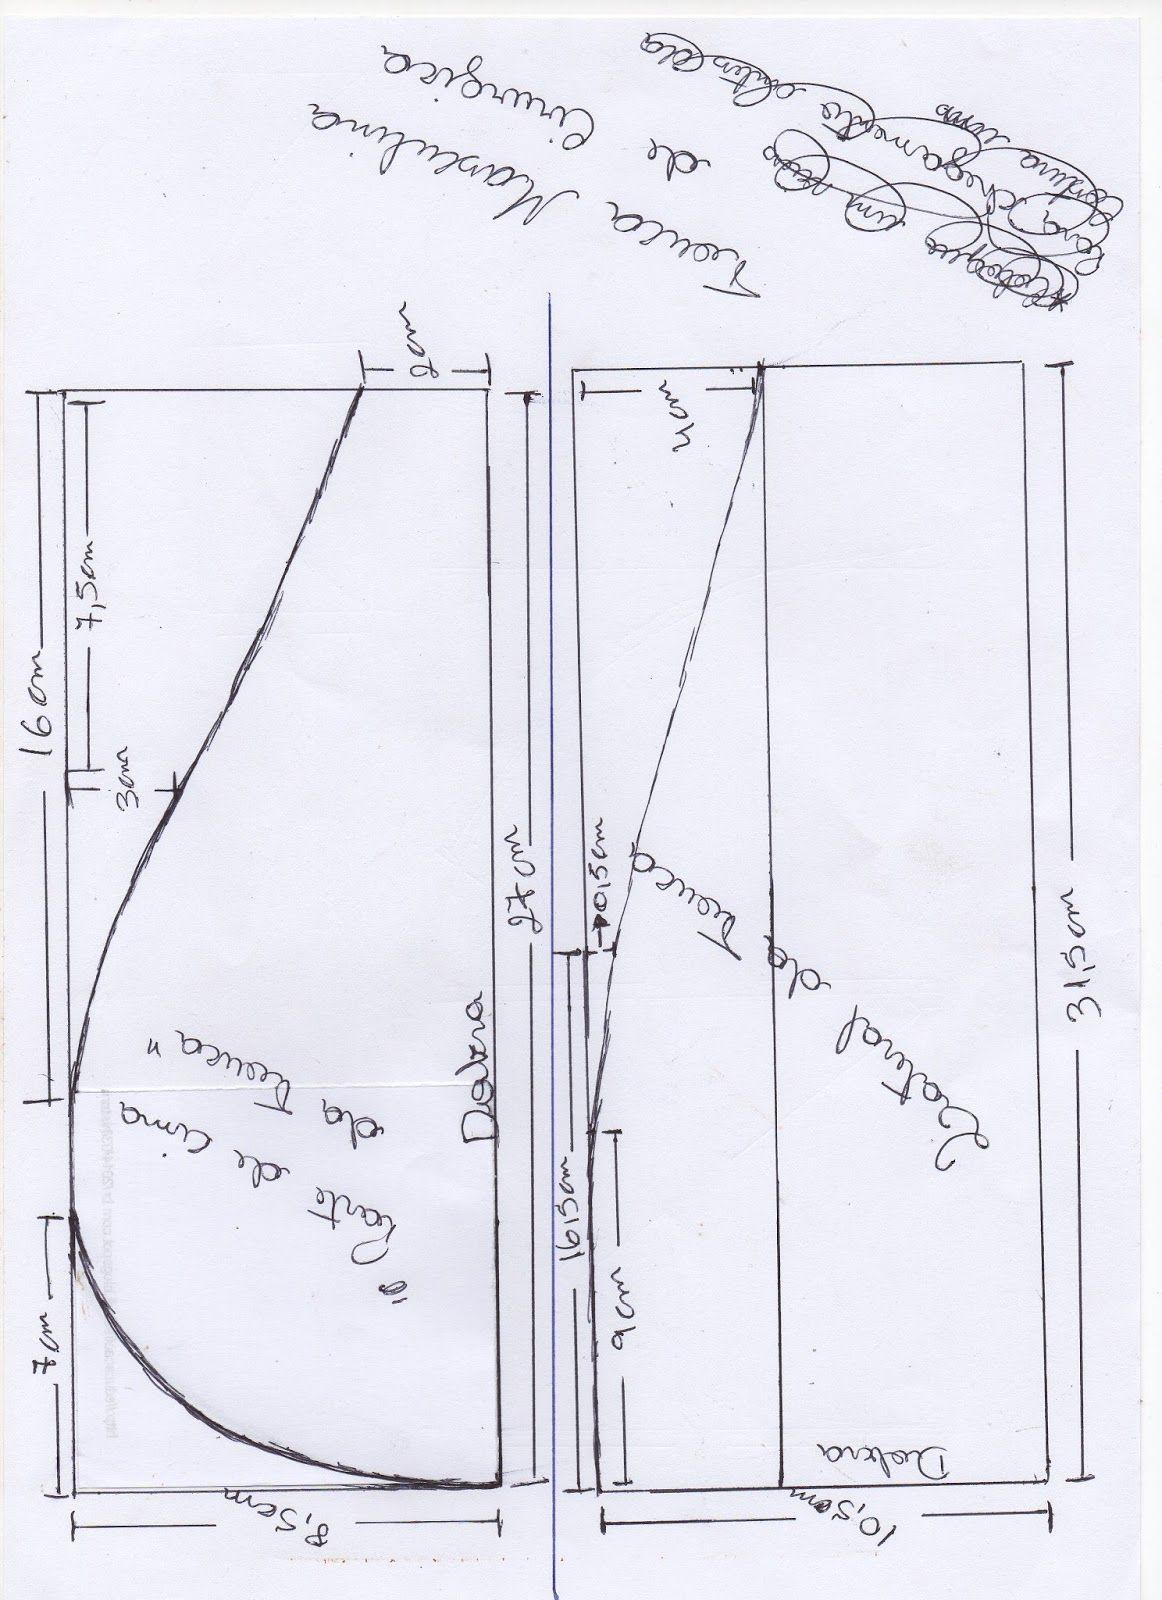 Molde de touca cirúrgica masculina Eu procurava tanto mais ninguém e nenhum  site ensinava a como fazer a touca cirúrgica . 1f4c99b4c96